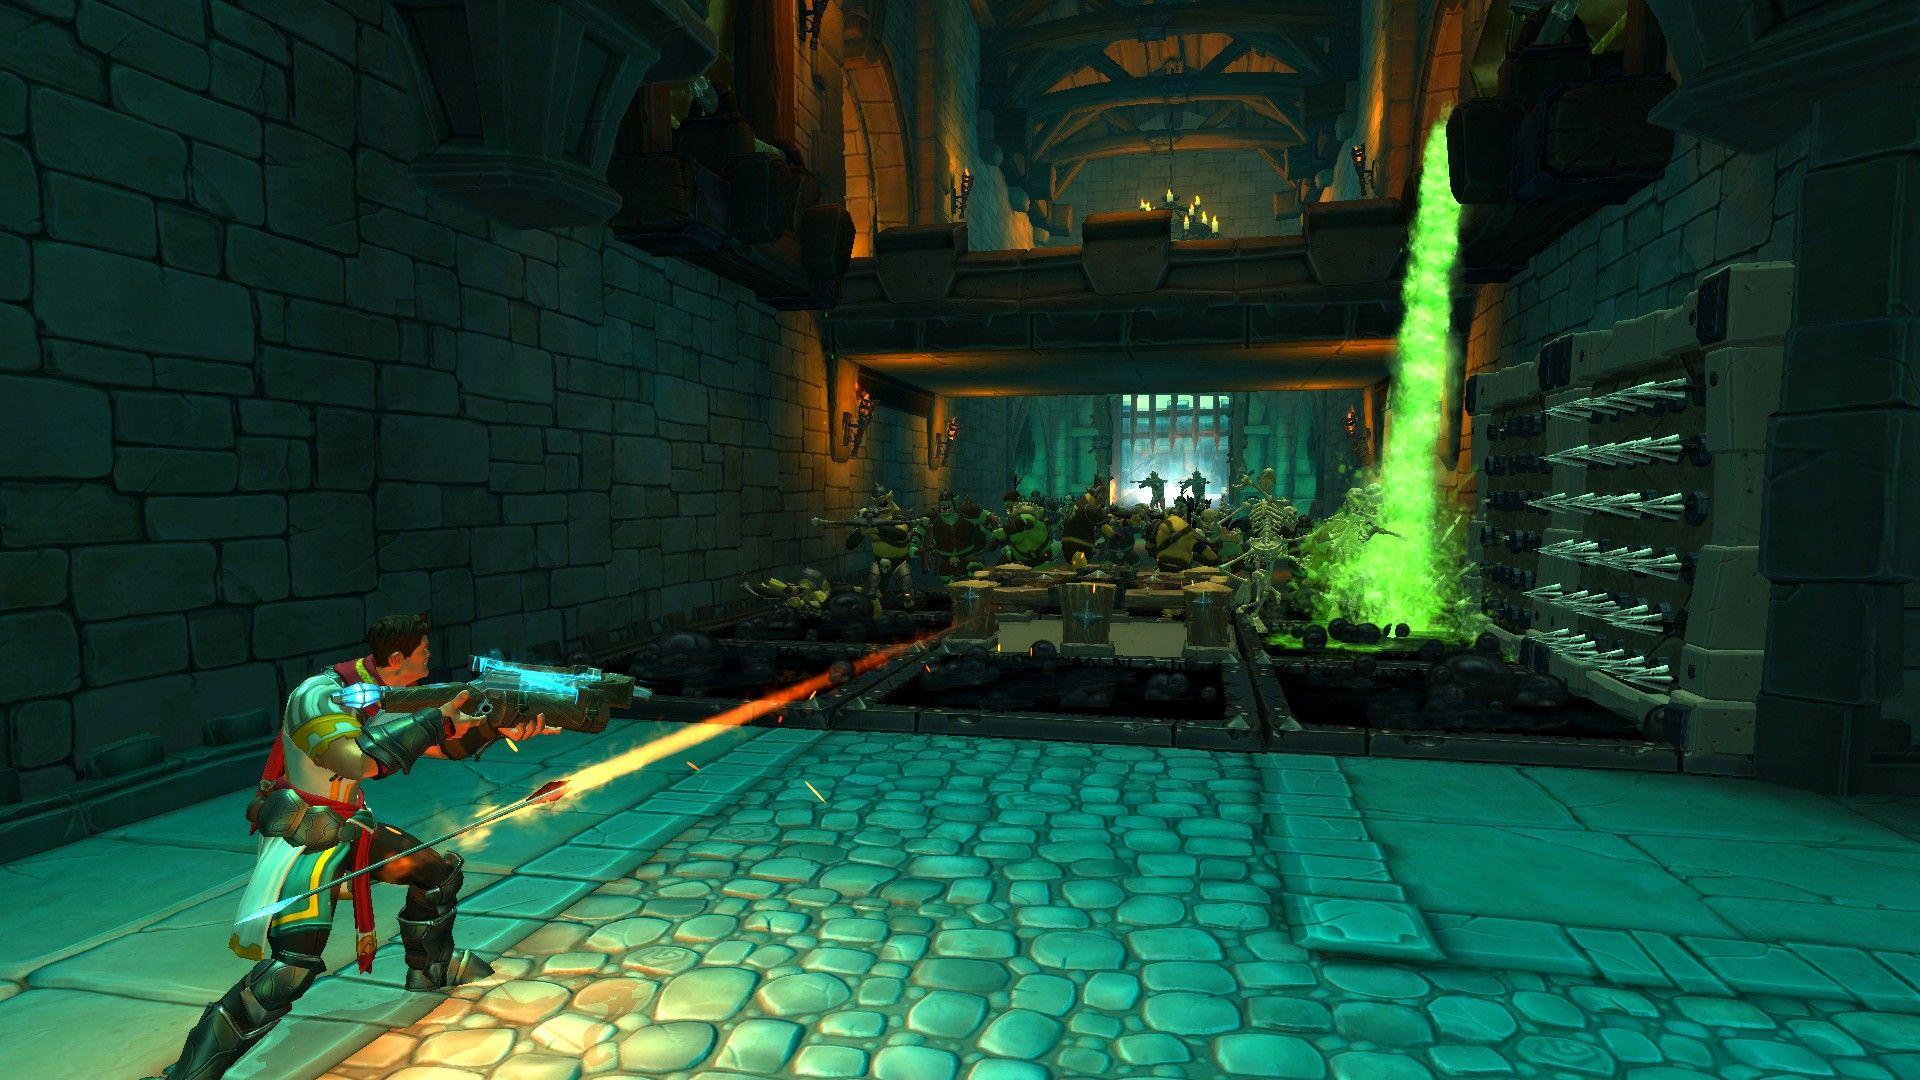 orcs must die on steam - Orcs Must Die